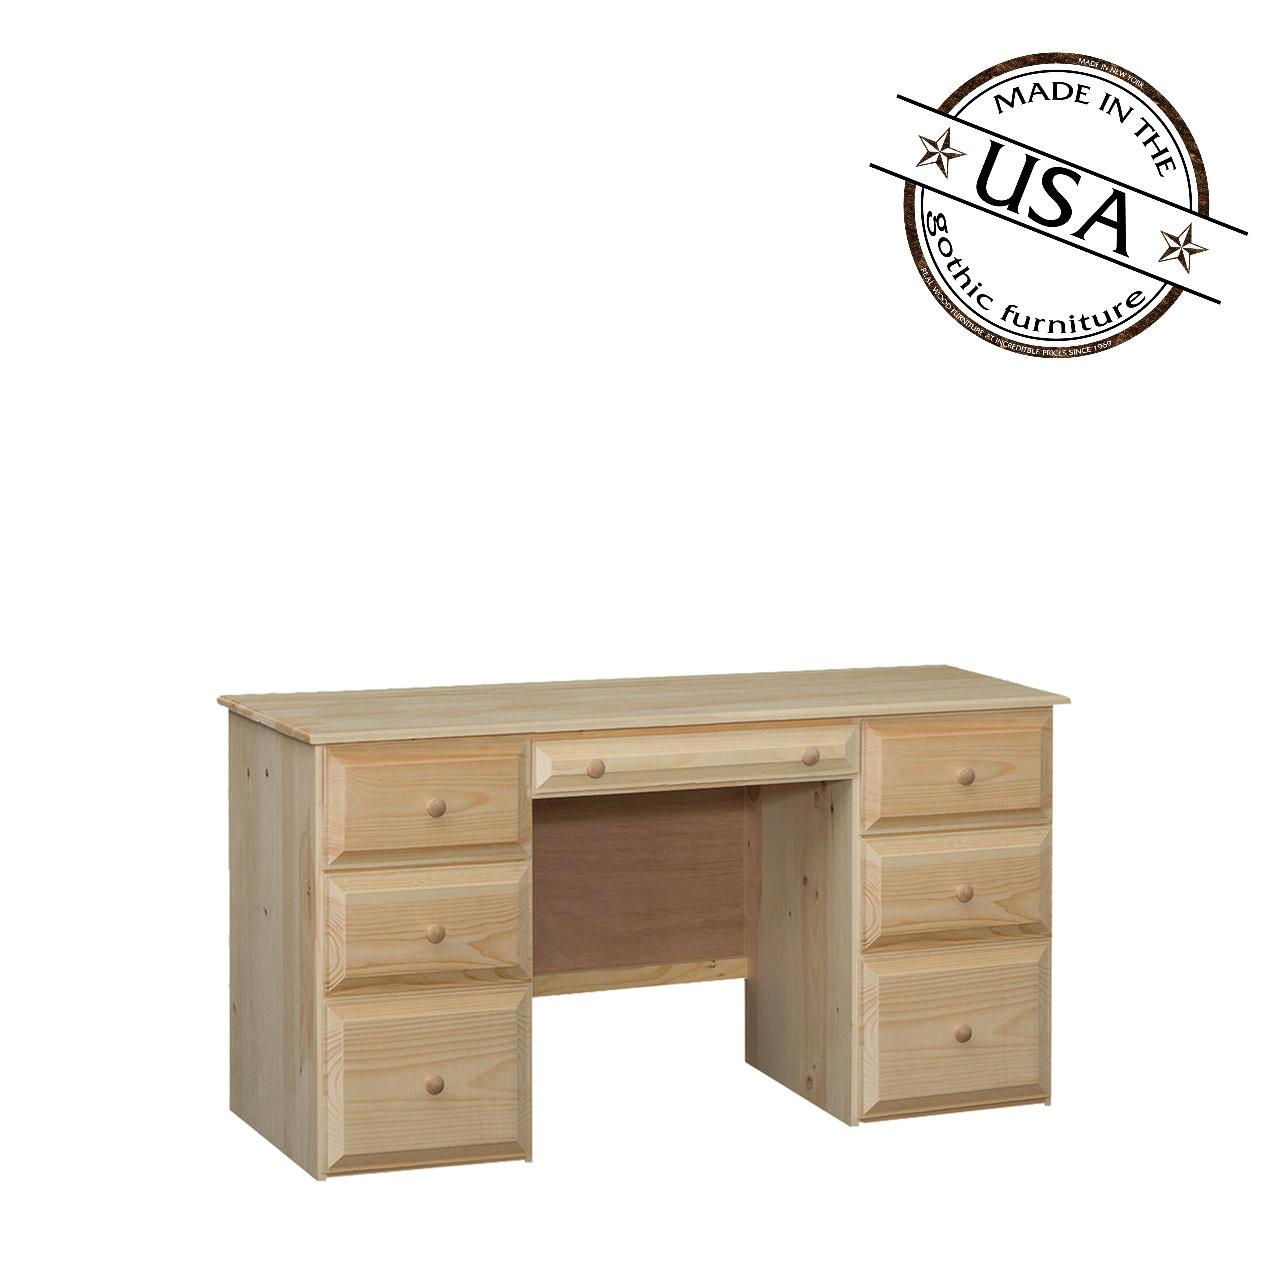 Solid Wood Desks for Home Office, Computer Desks for Home Office